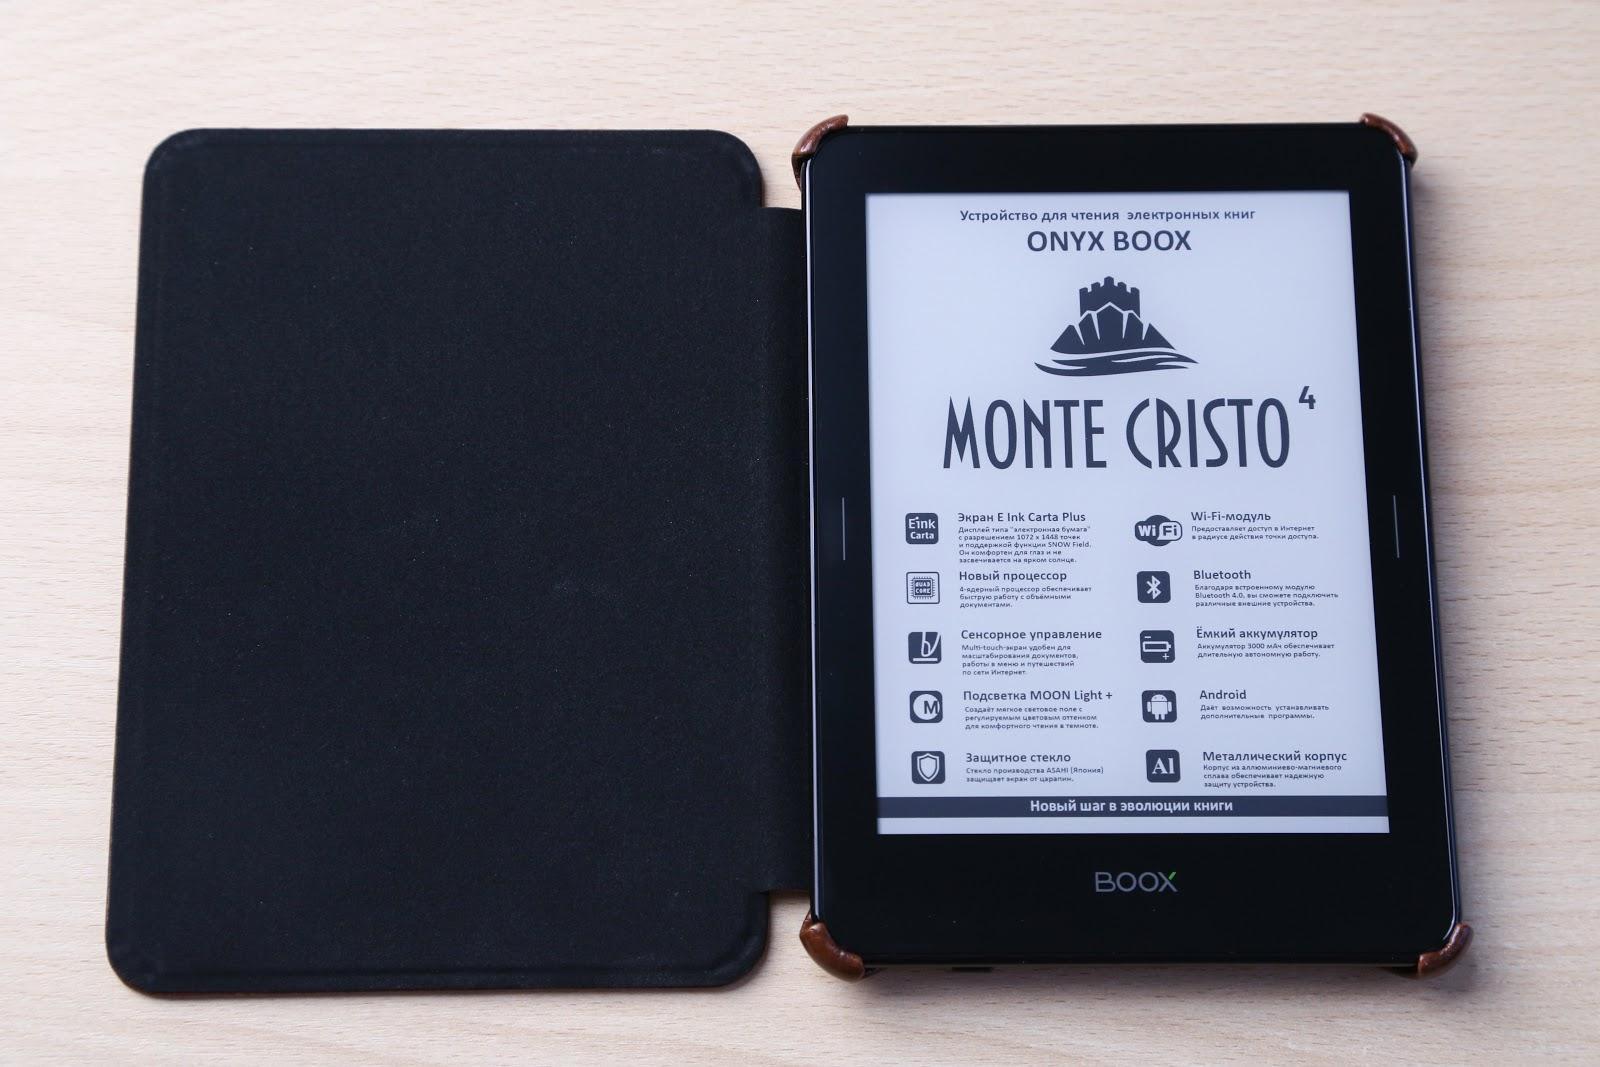 Когда чтение можно потрогать: обзор ONYX BOOX Monte Cristo 4 - 1